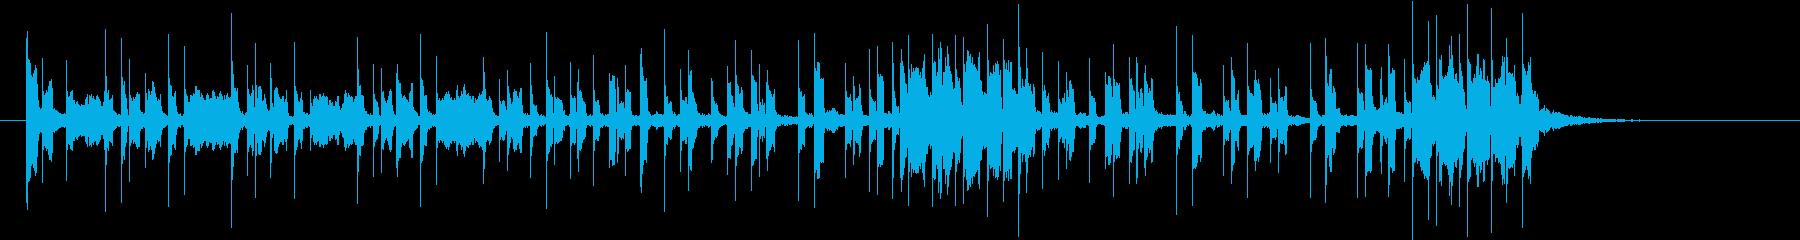 勢いのあるシンセパターン C− の再生済みの波形